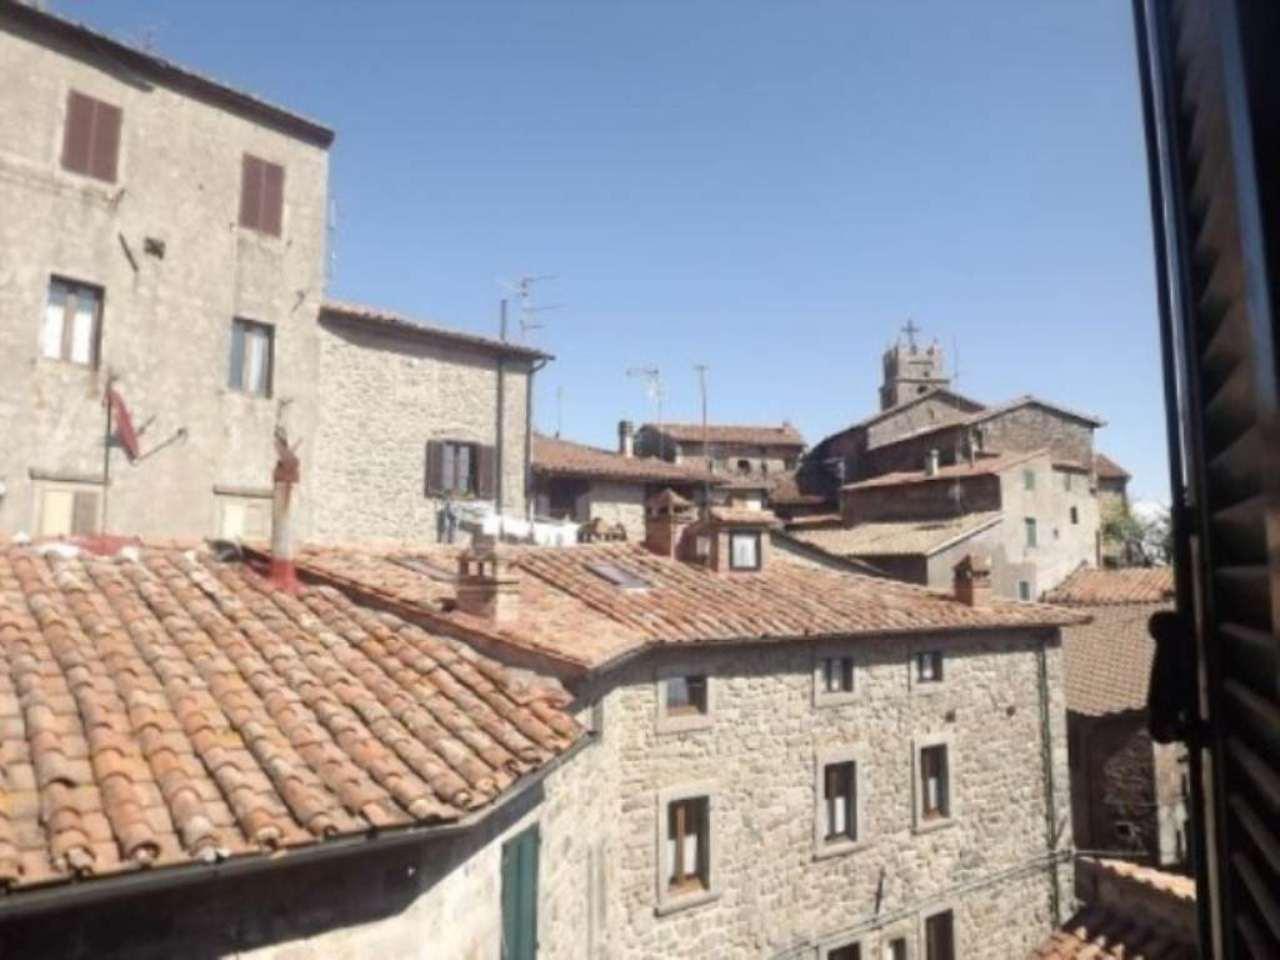 Appartamento in vendita a Piancastagnaio, 6 locali, prezzo € 67.000 | Cambio Casa.it